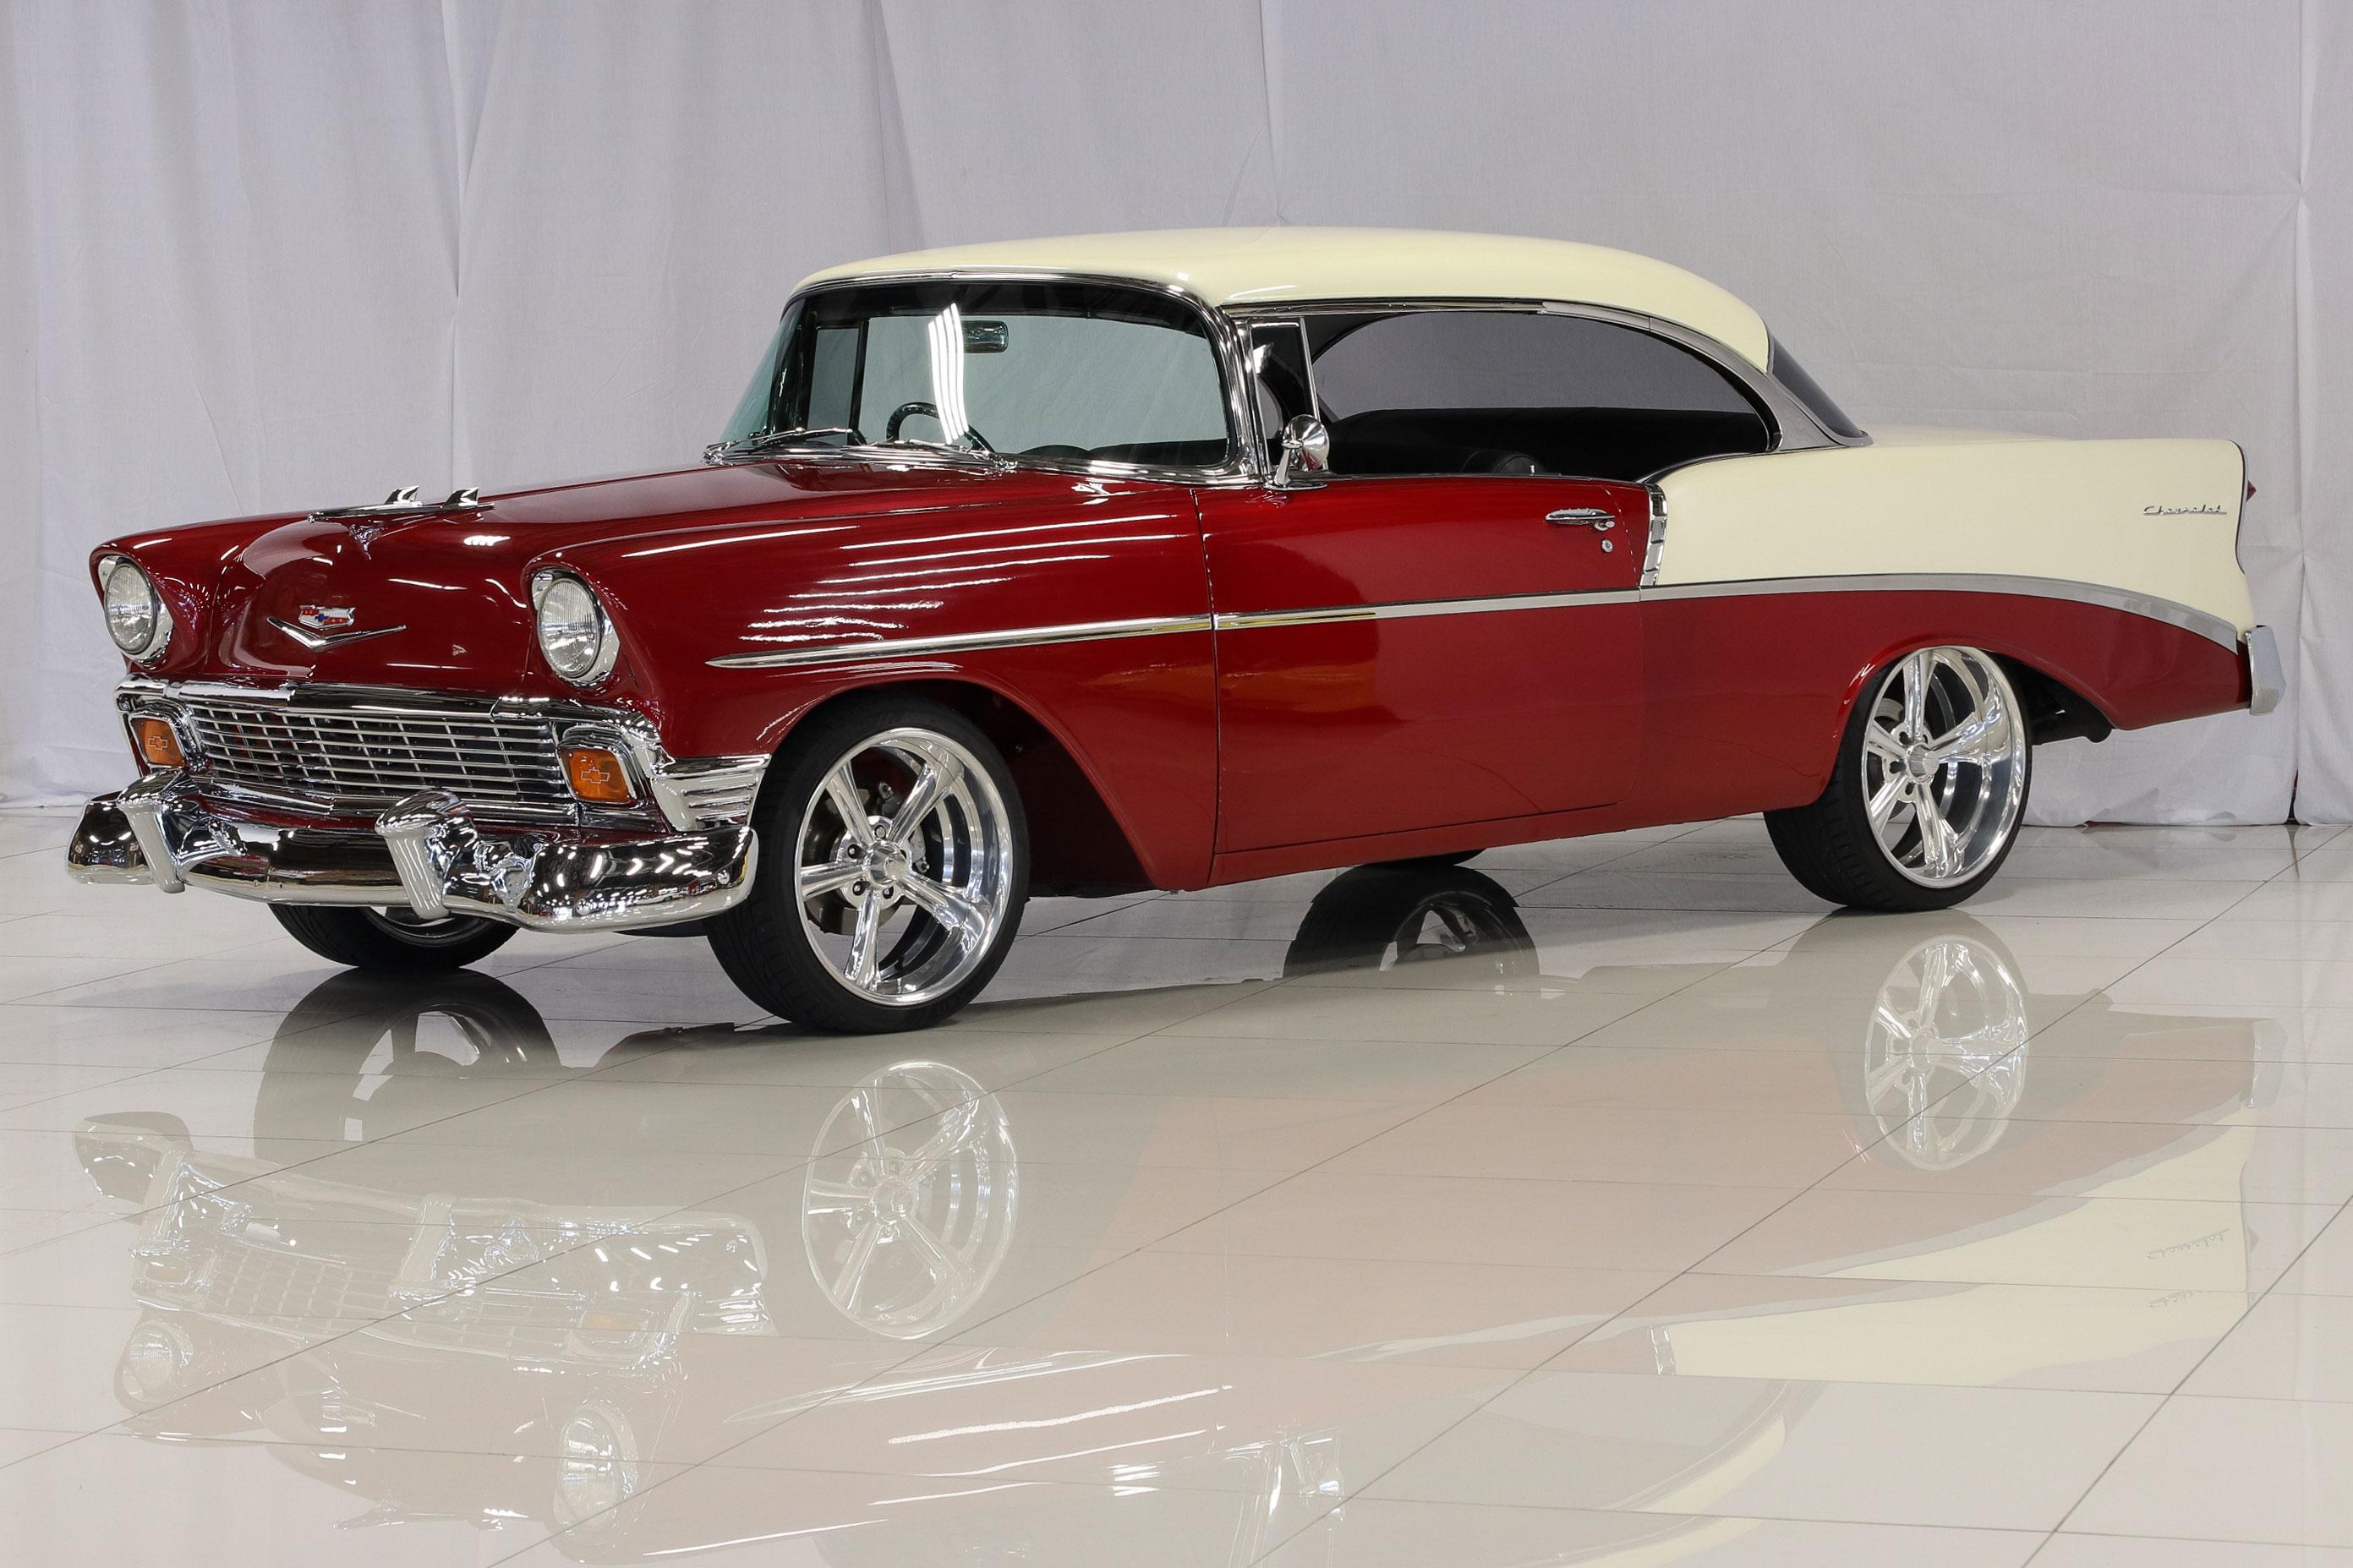 1956 Chevrolet Belair 2 Door Hardtop | Creative Rides